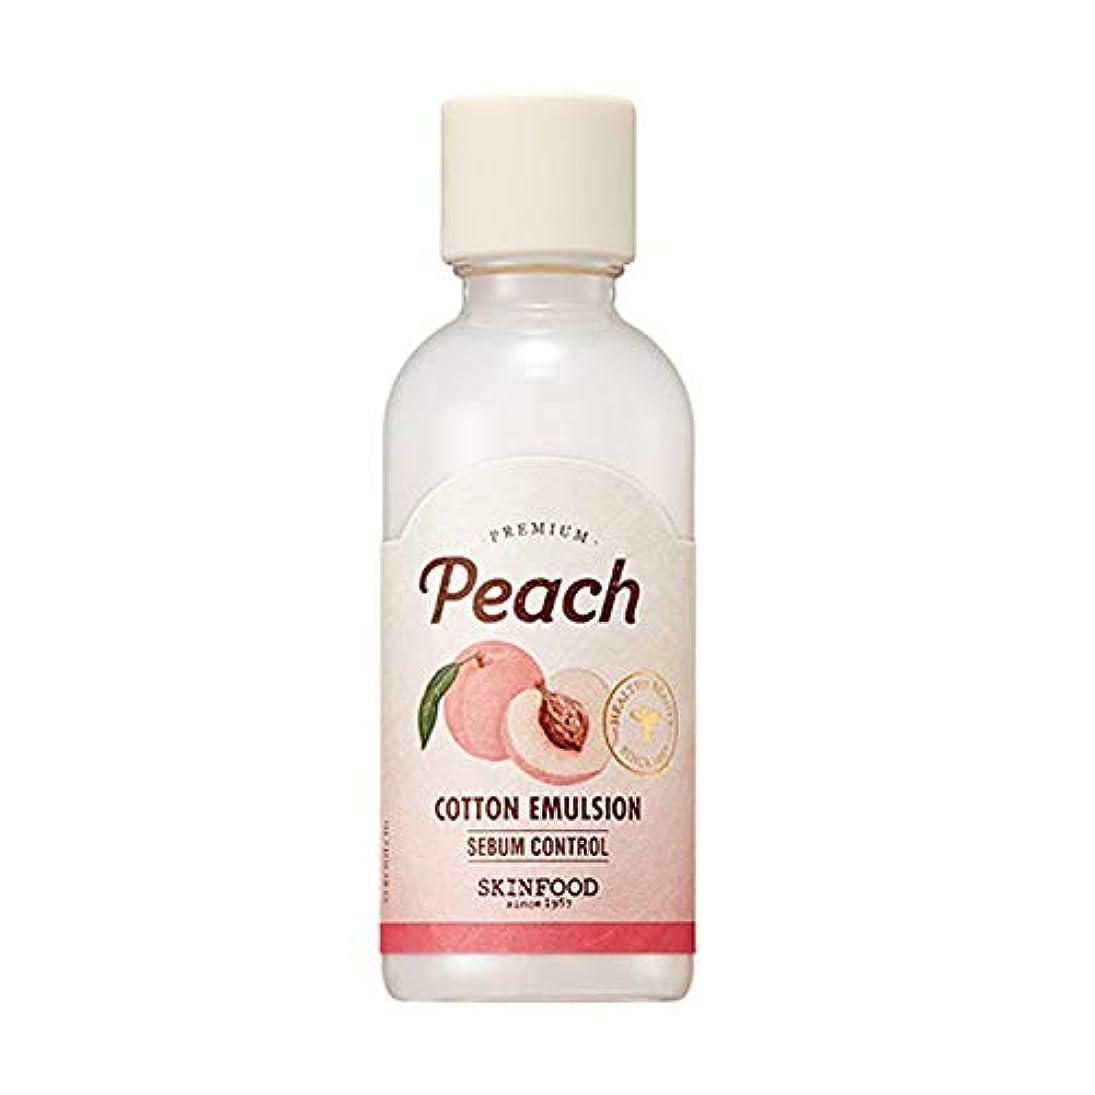 で結核タワーSkinfood プレミアムピーチコットンエマルジョン/Premium Peach Cotton Emulsion 160ml [並行輸入品]